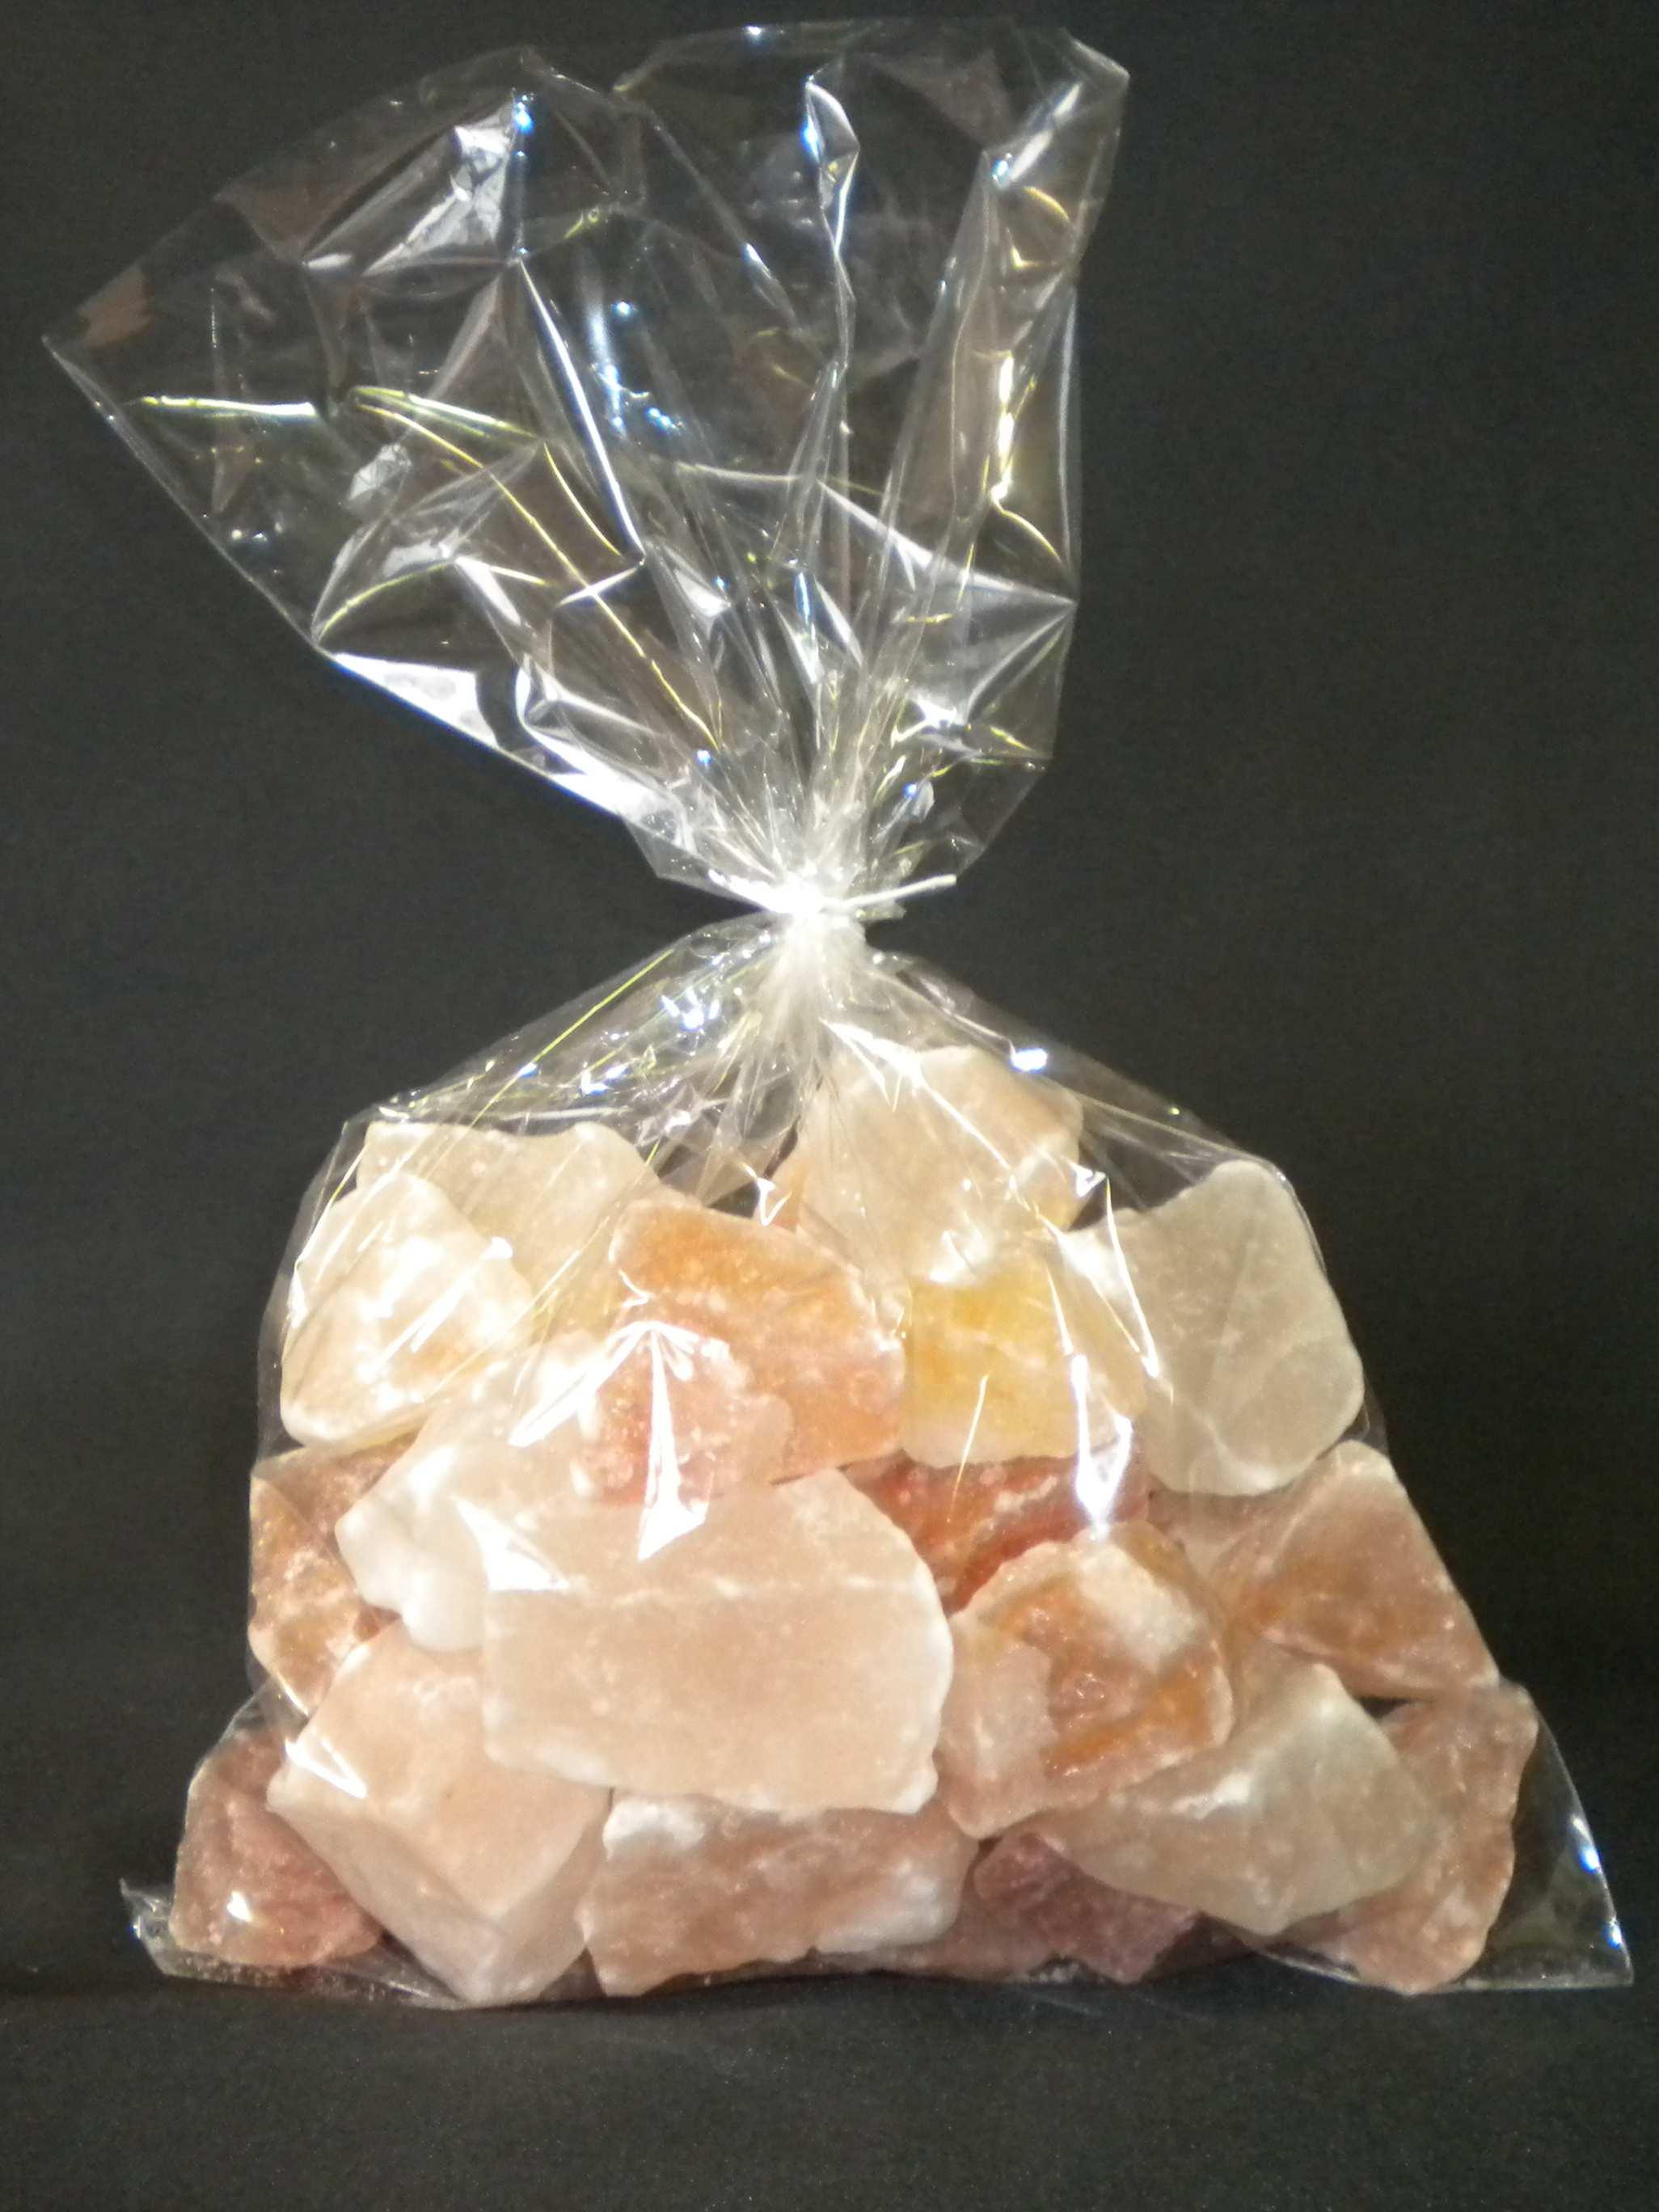 cds 01 cubetti di sale rosa cm23 da usare per i bagni di sale per inalazioni nelle saune etc sacchetto da kg 1 euro 180